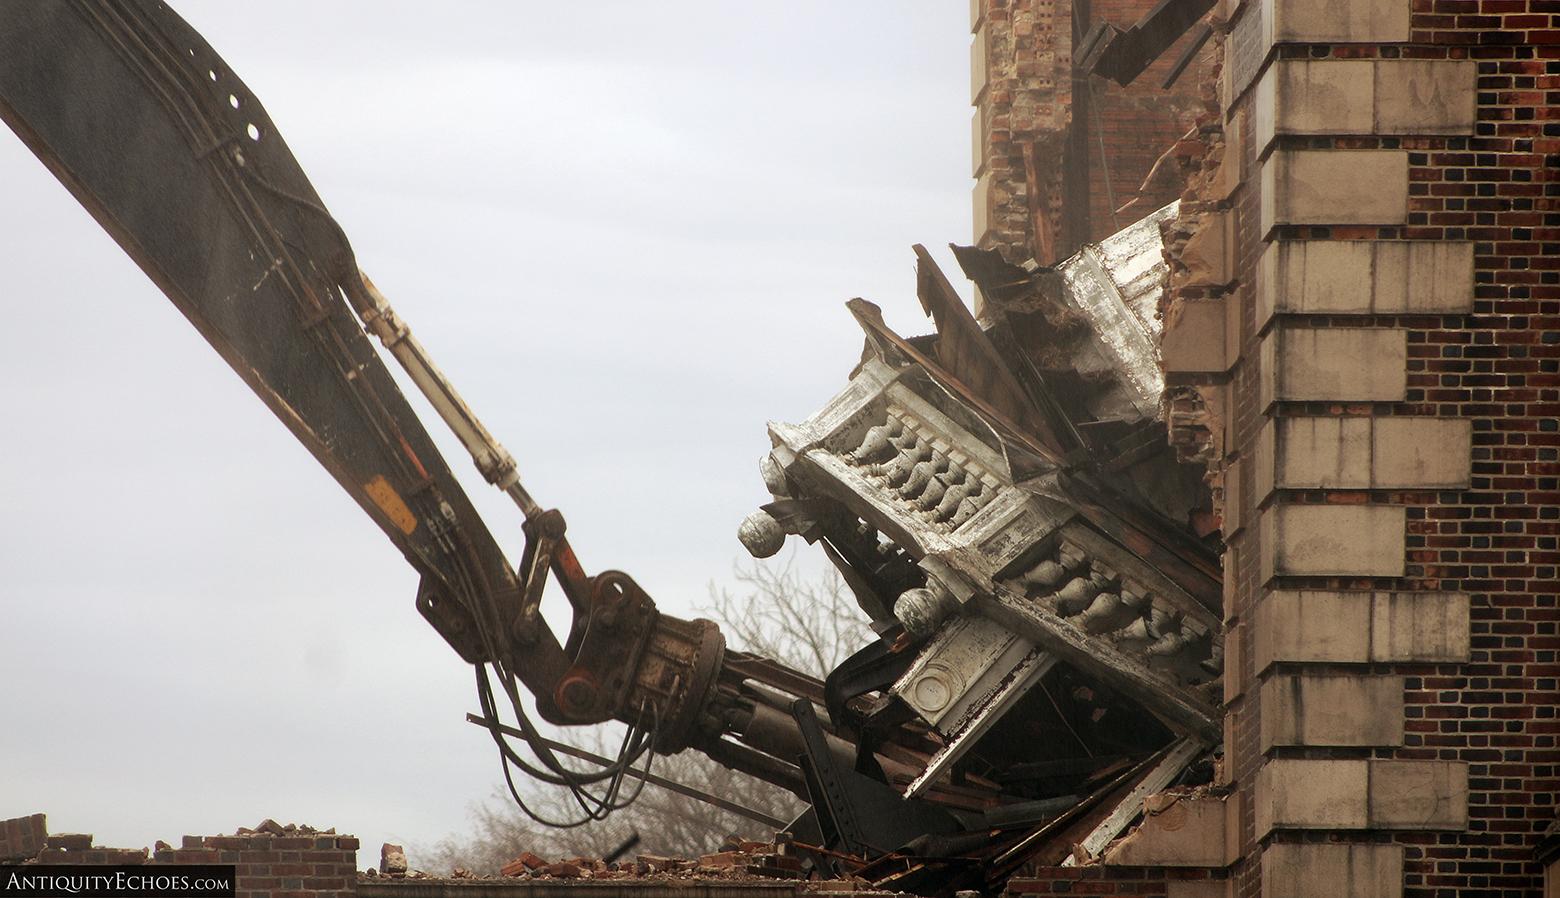 Allentown State Hospital - Demolition - Spire Being Torn Apart